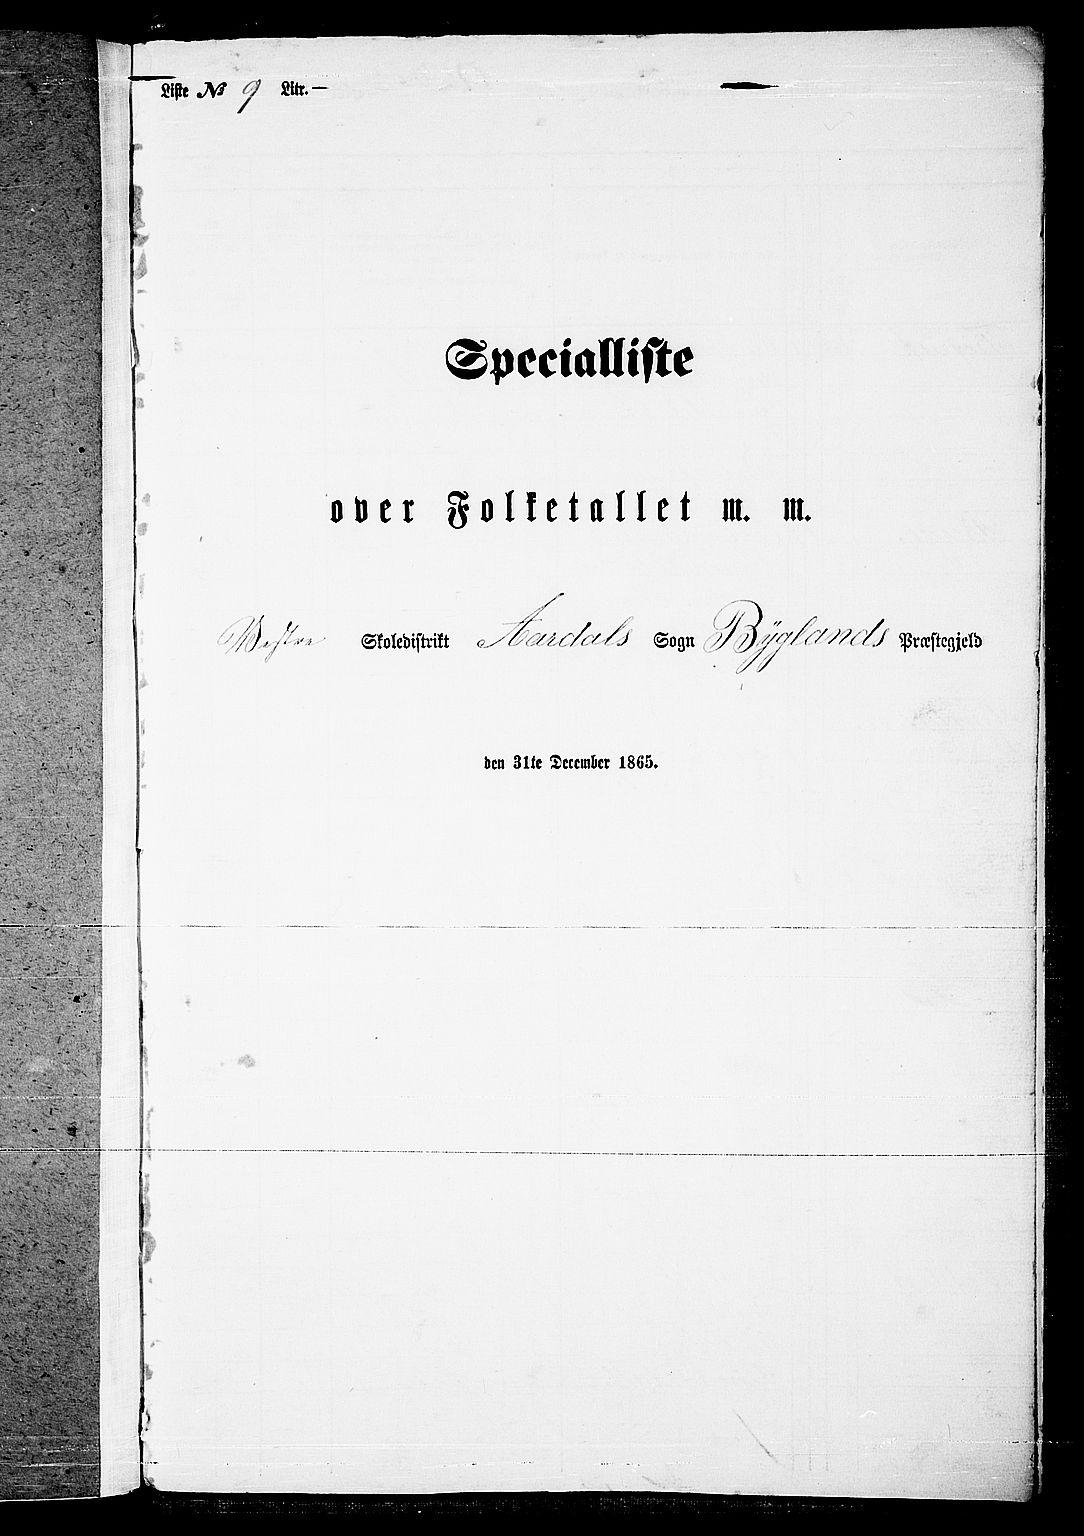 RA, Folketelling 1865 for 0938P Bygland prestegjeld, 1865, s. 90